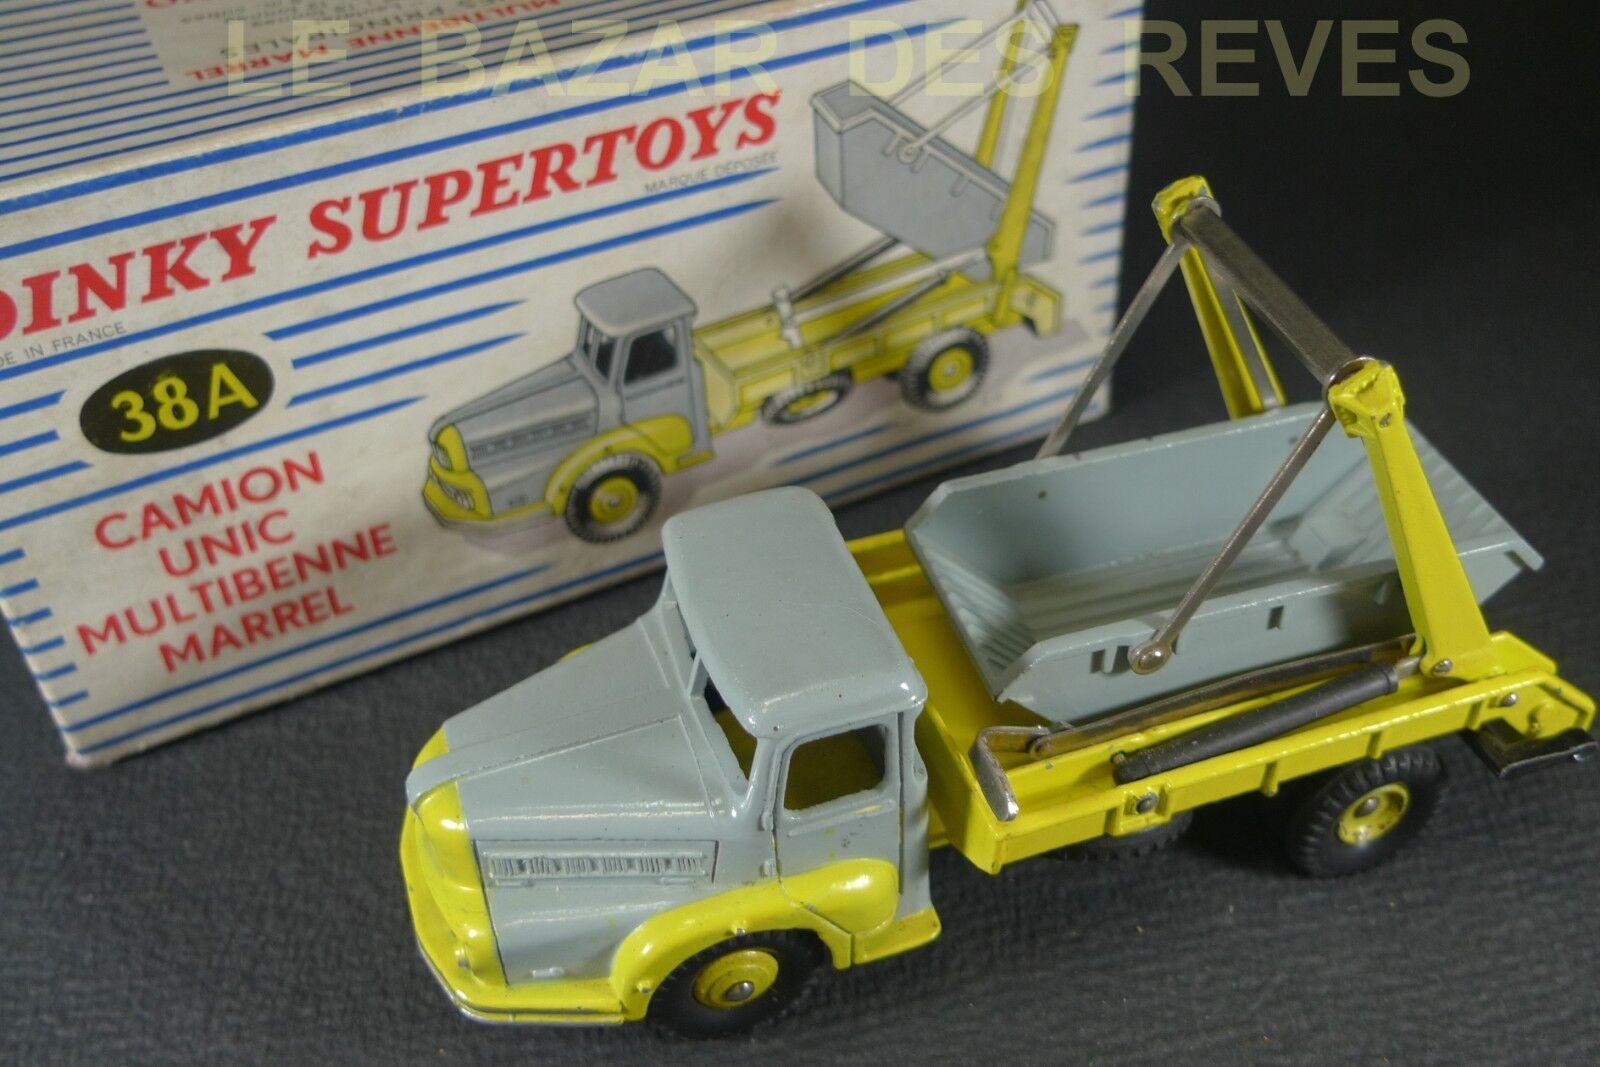 Dinky toys france. unic multibenne marrel ref  38 a + box (lot4)